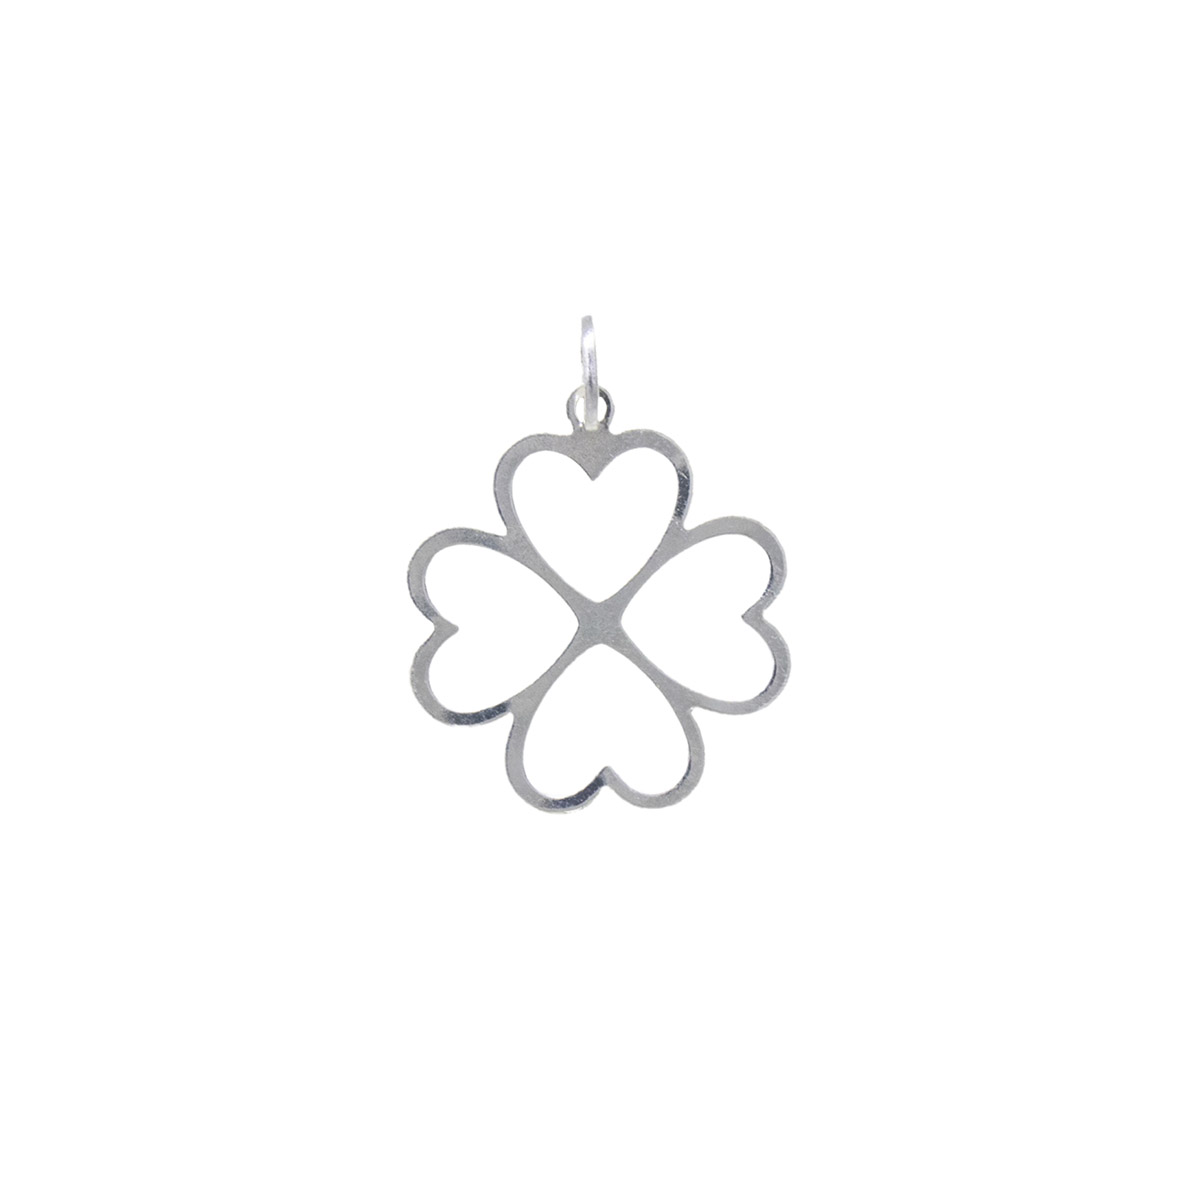 Pingente joia prata 925 pura Trevo G vazado hipoalergênica